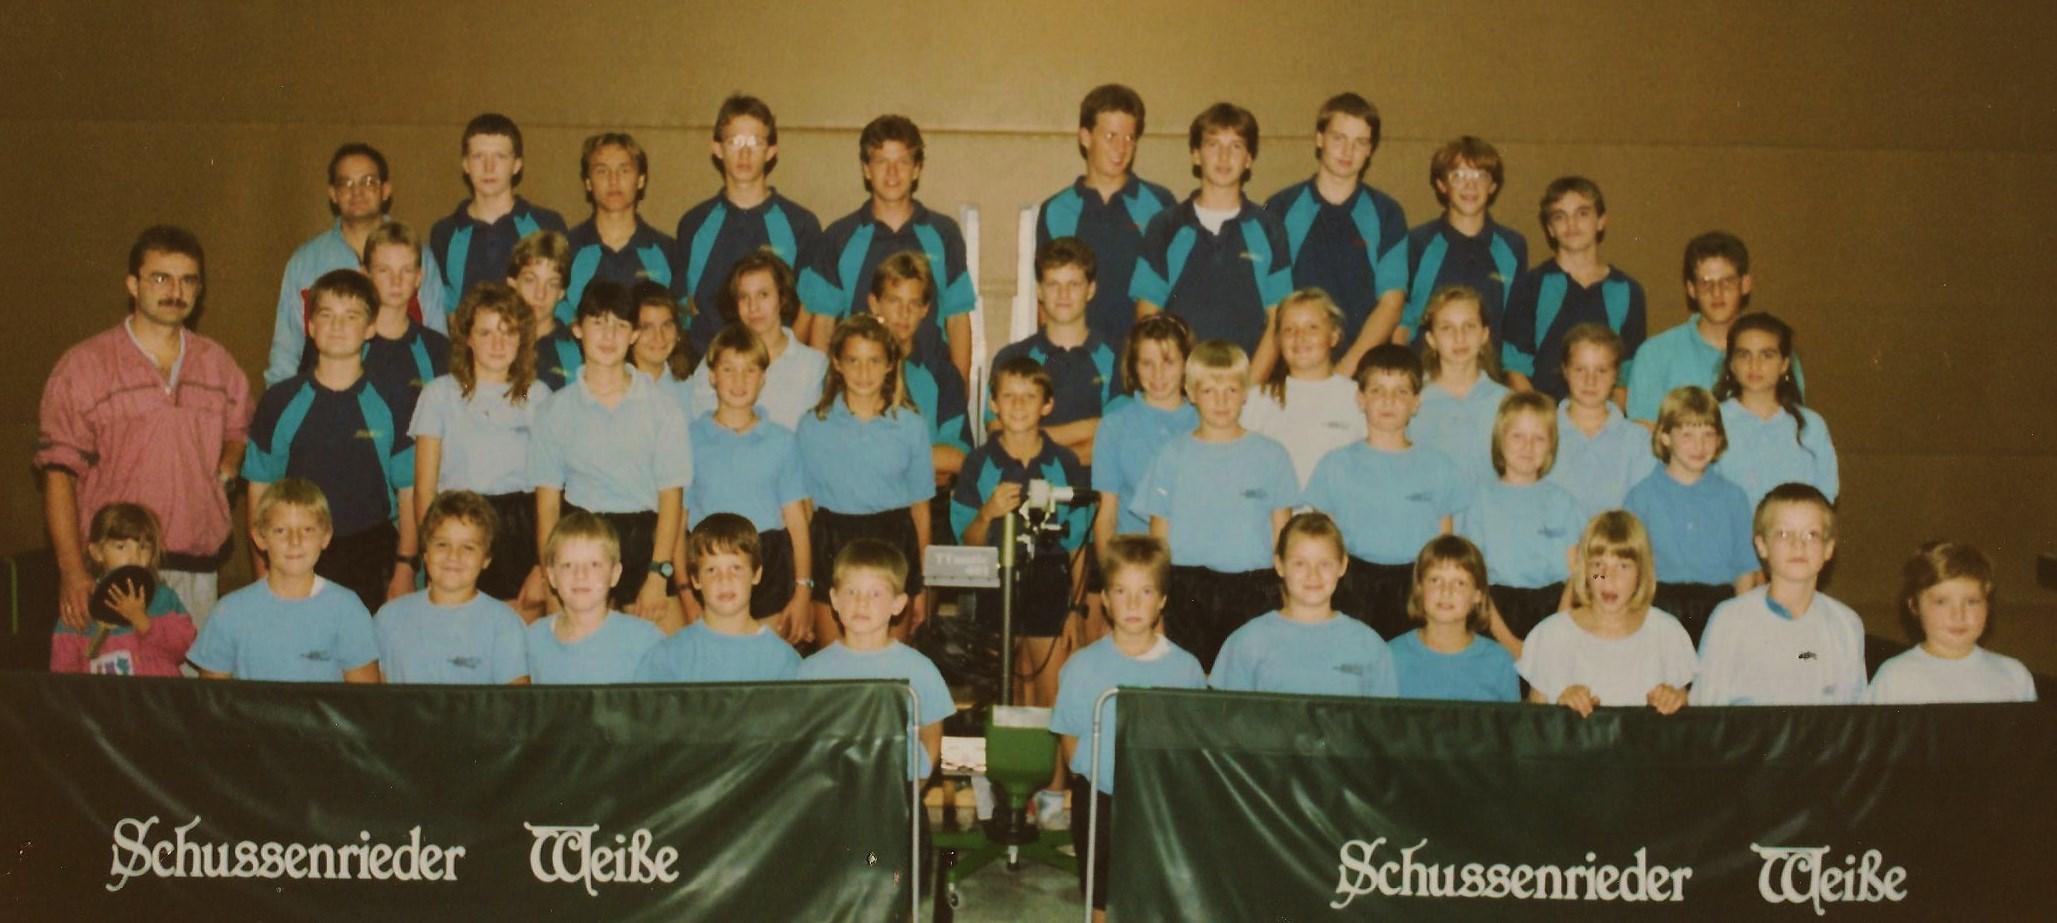 66 Jugend 1991 001 (2)